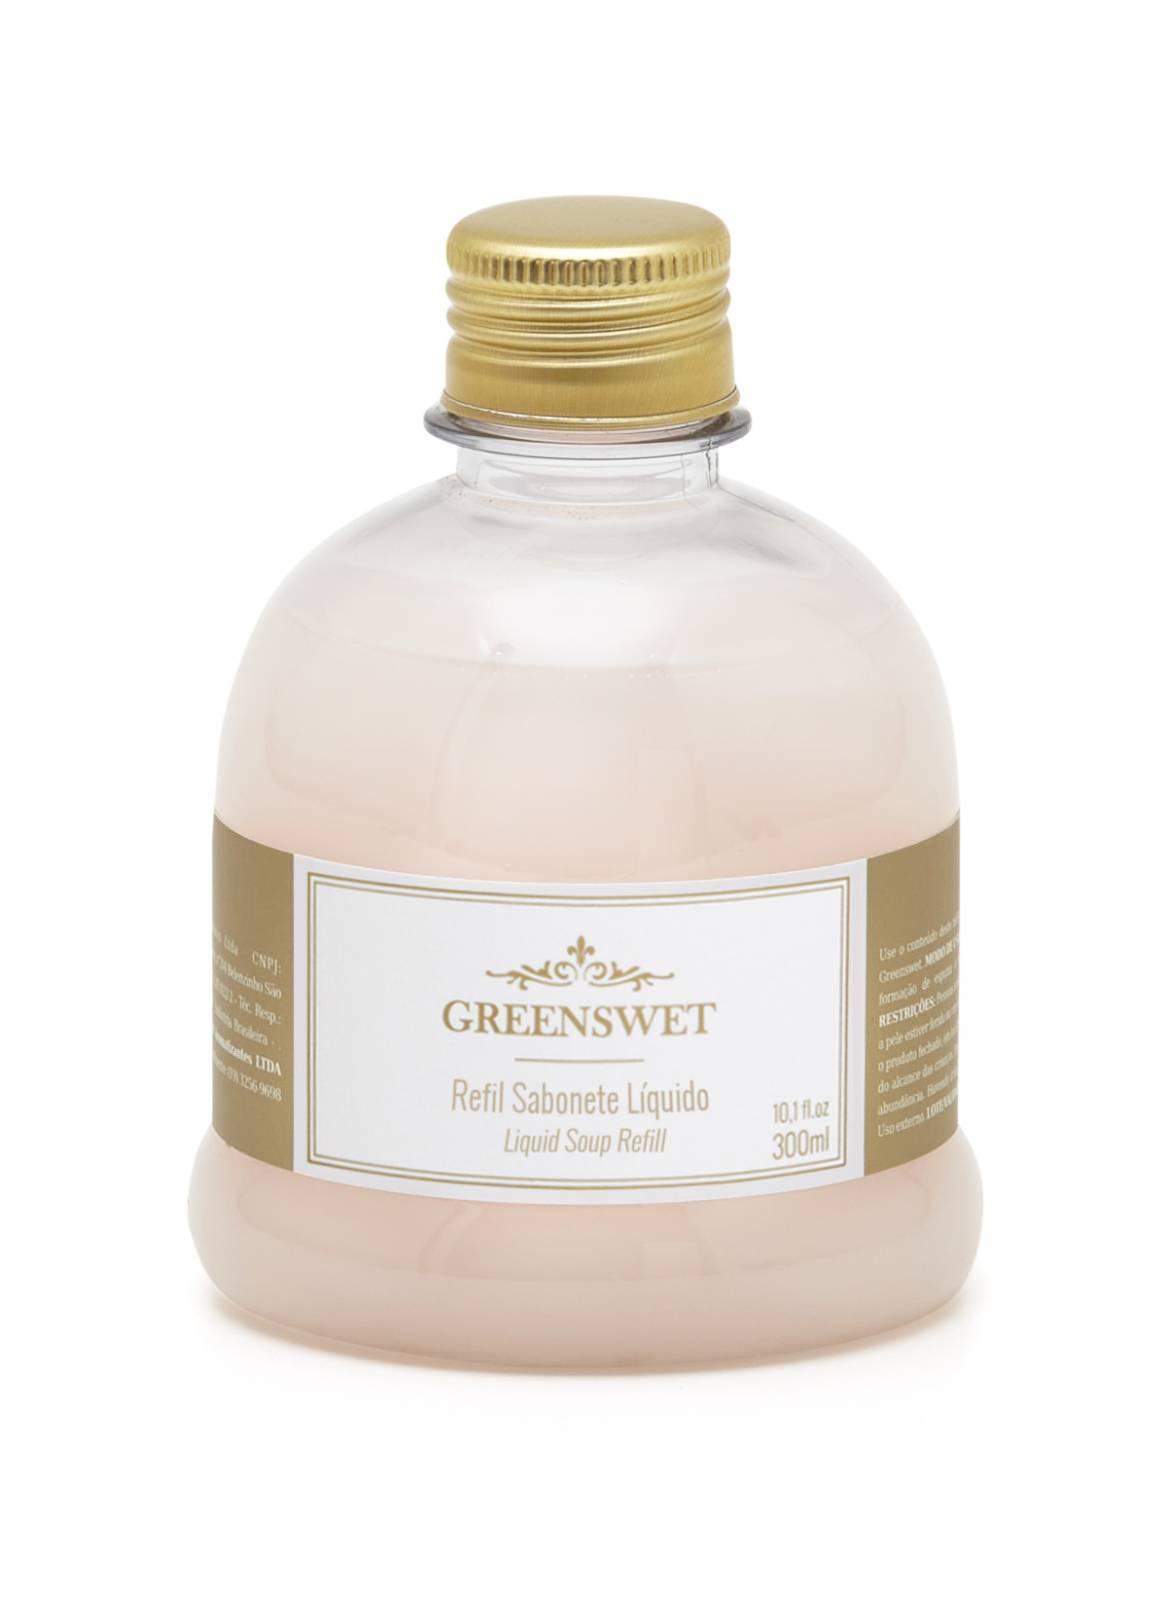 Refil Sabonete Liquido 300 ml Essência Amour - Greenswet Aromatizantes